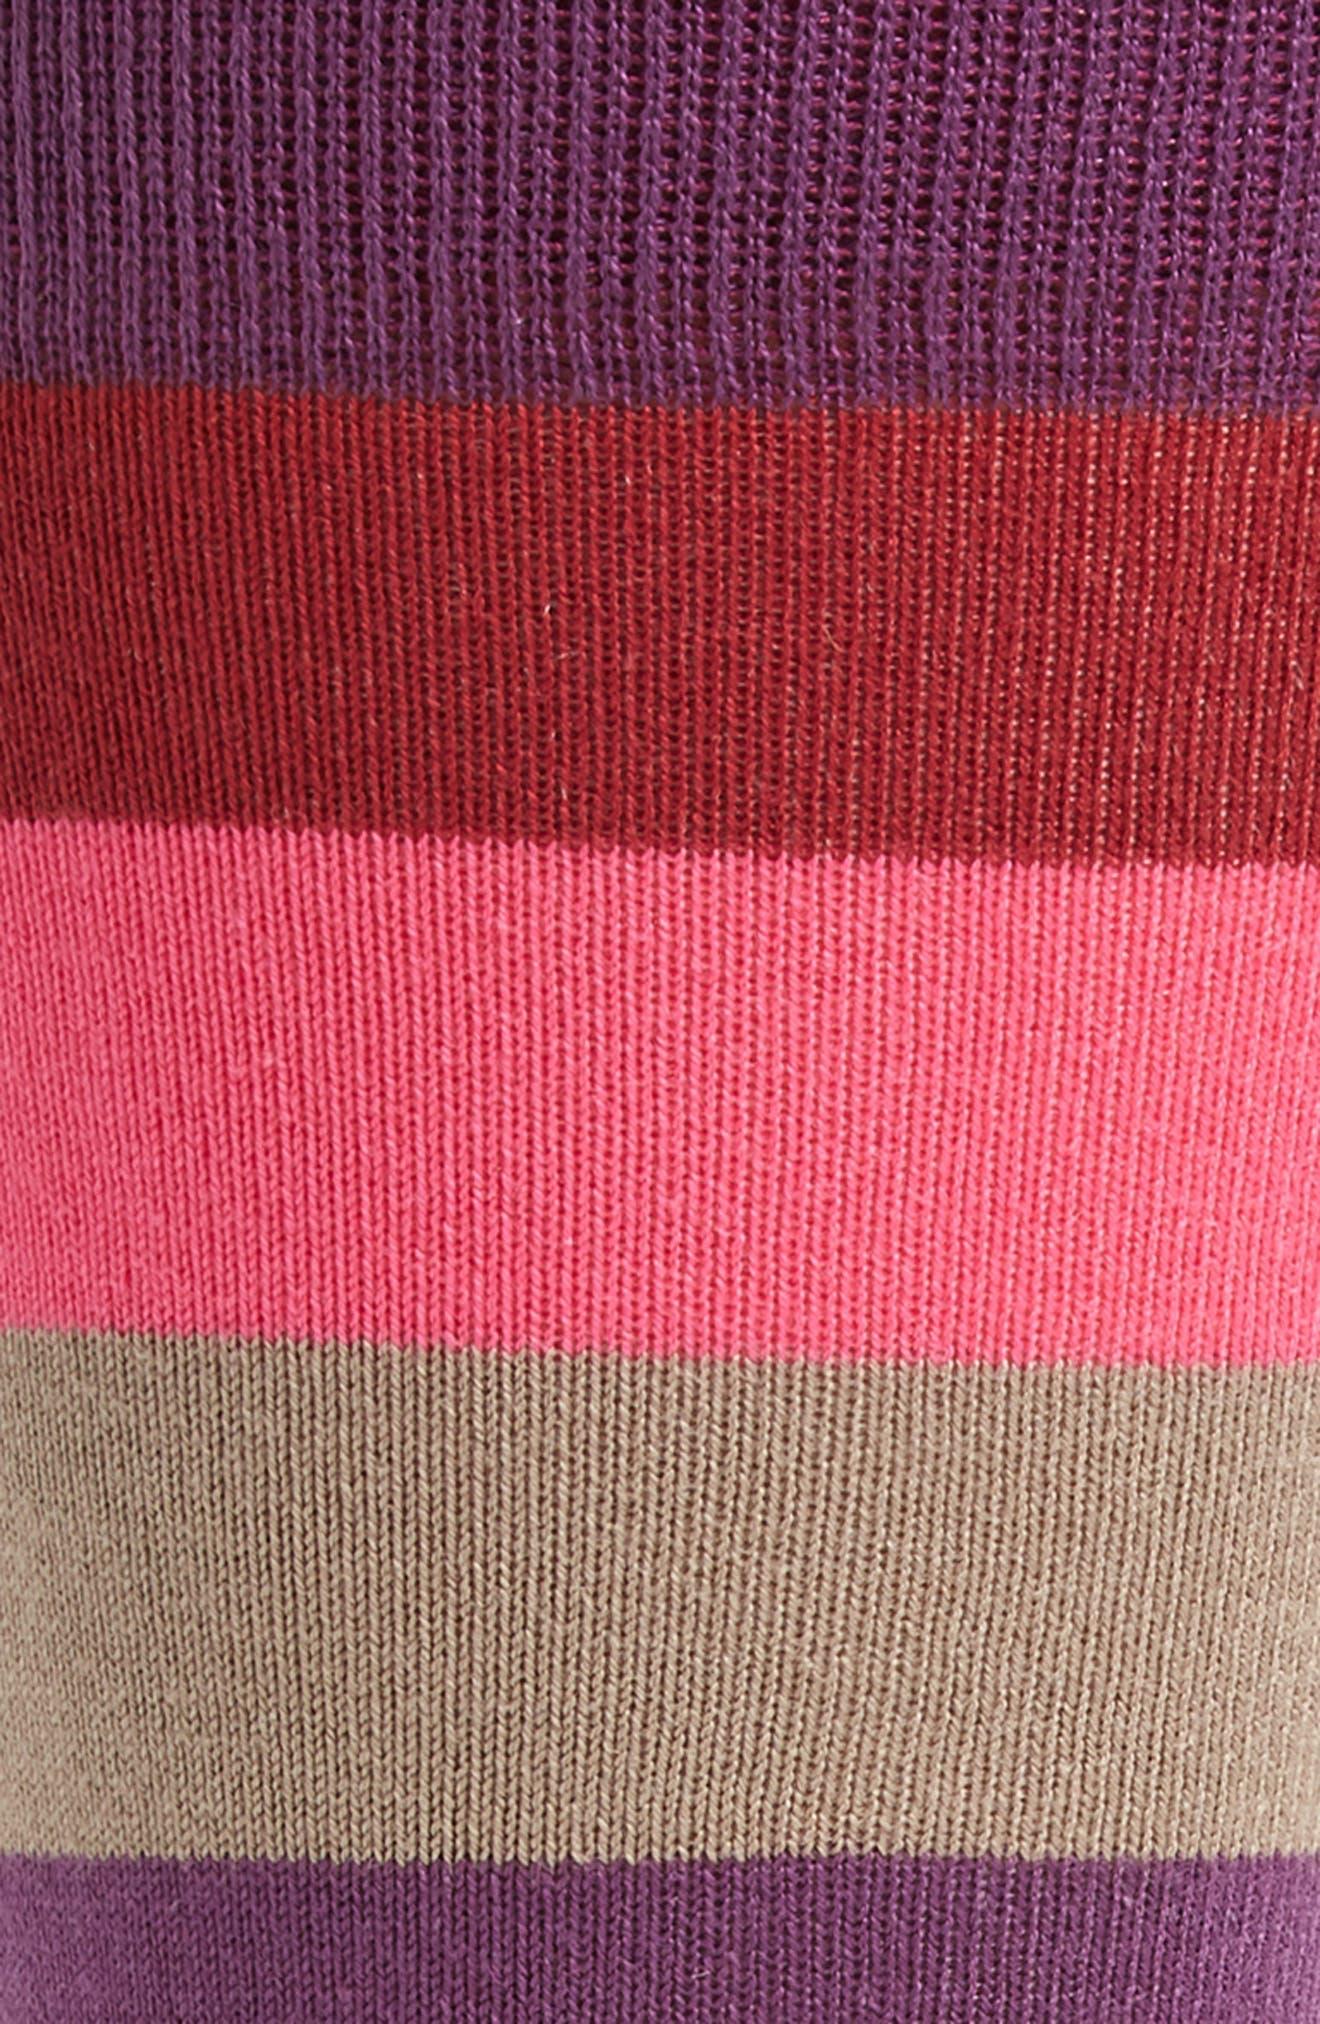 Buxton Stripe Socks,                             Alternate thumbnail 6, color,